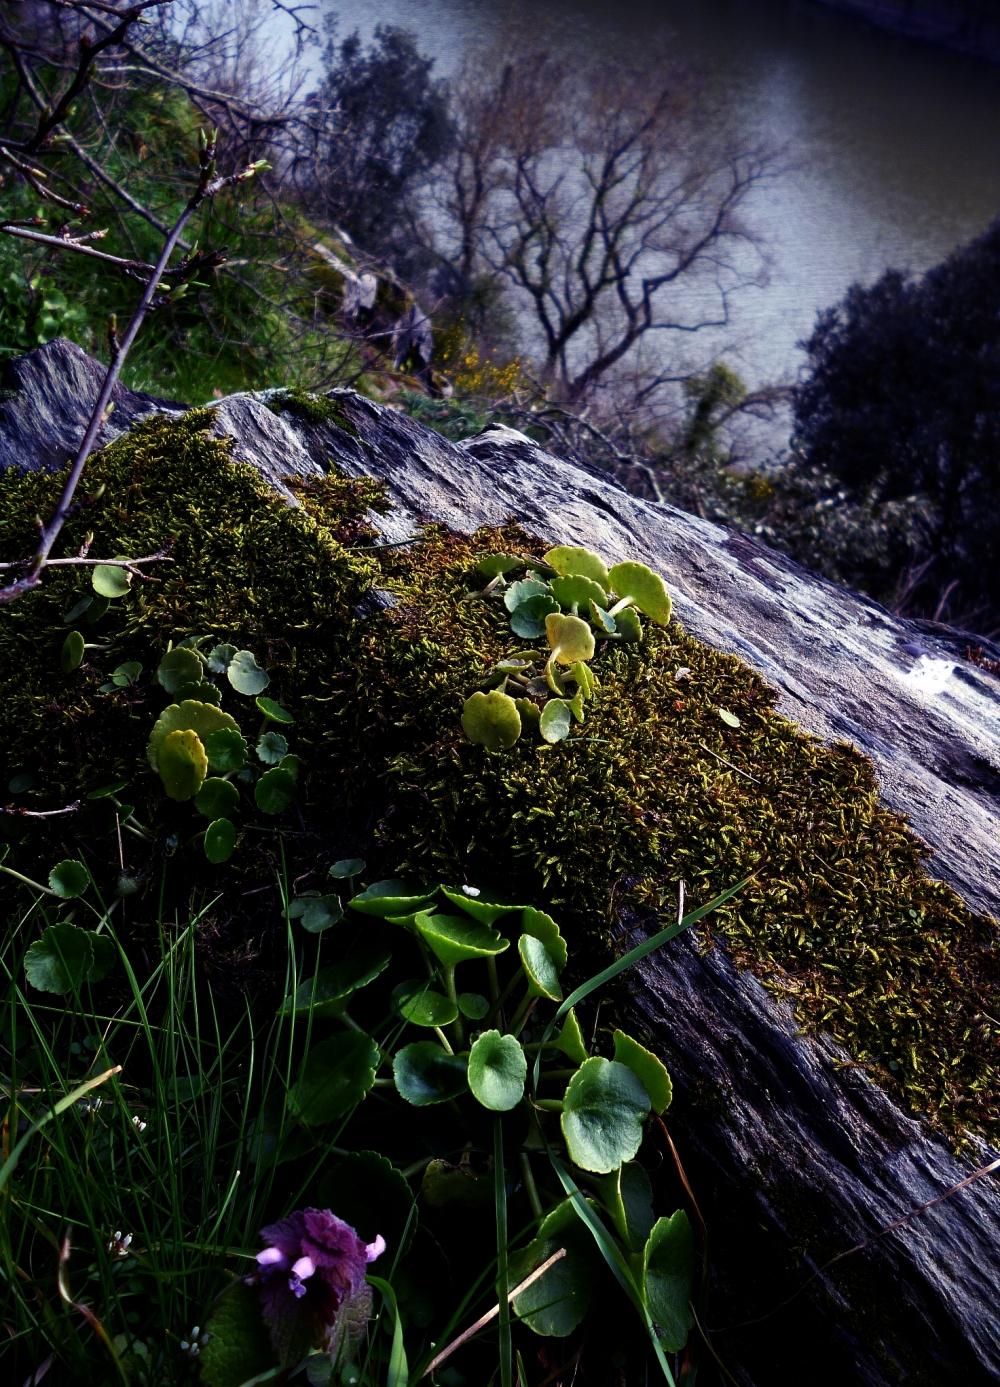 Un étang dans la forêt scintille le roc végétal